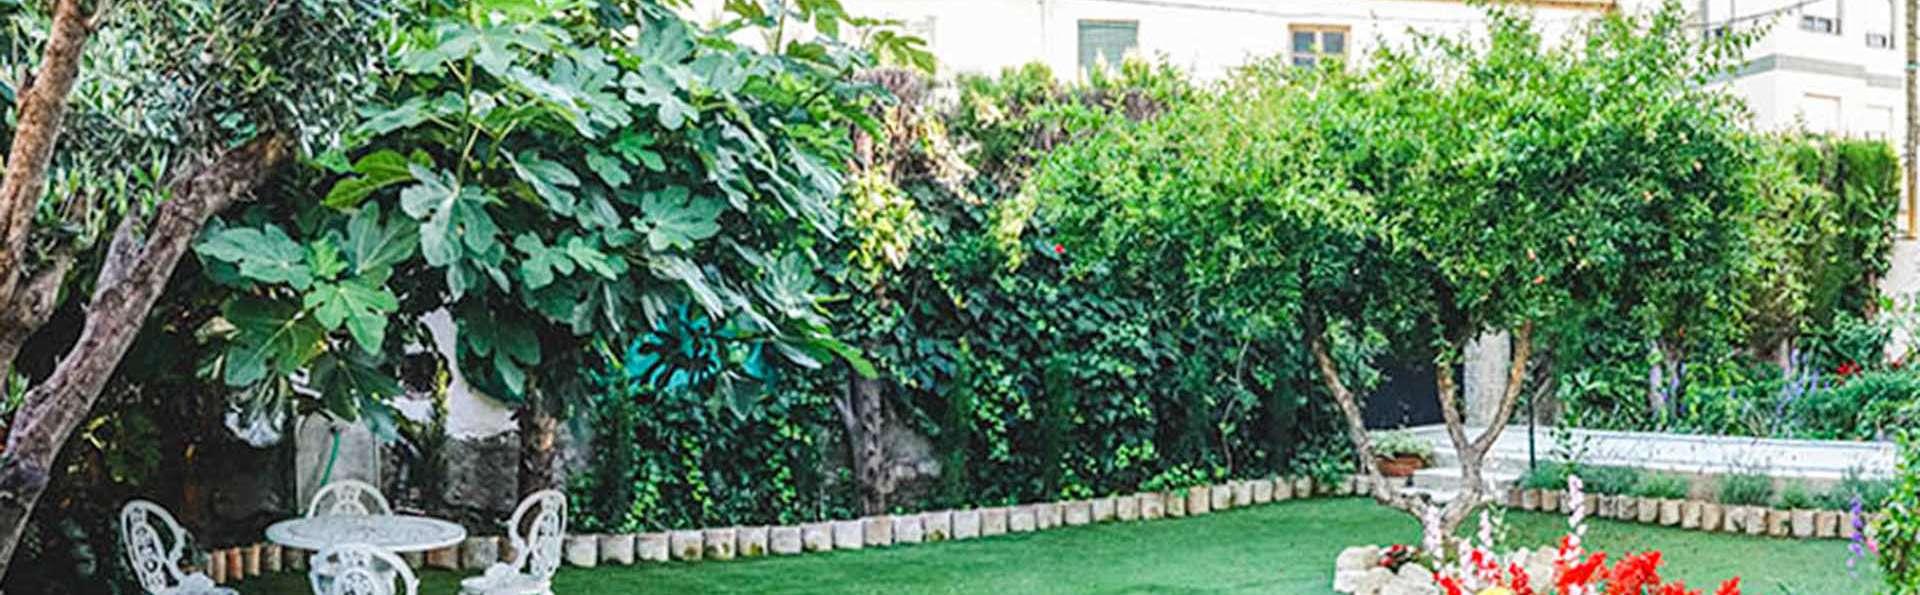 Casa Rural Villa San Juan - EDIT_EXTERIOR_02.jpg